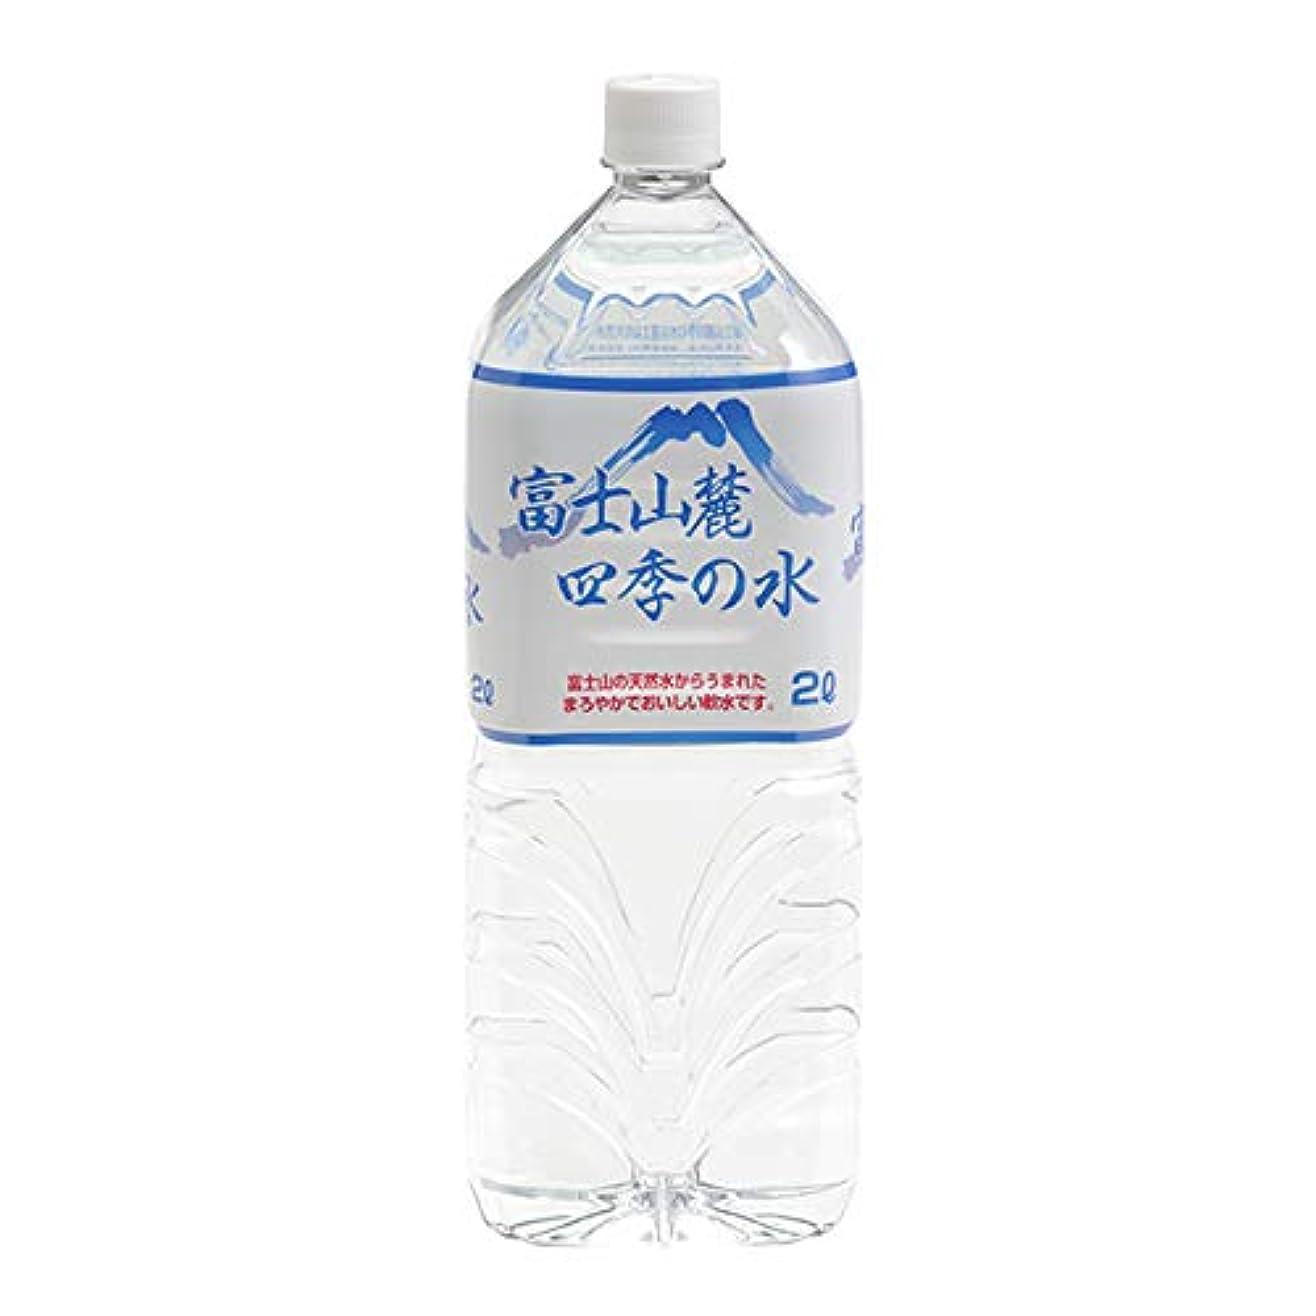 驚くべきエクステント祖先ミネラルウォーター 富士山麓四季の水 2L 6本入×2箱(計12本)おいしい/飲料水/富士山の天然水/軟水/鉱水/ペットボトル/災害対策